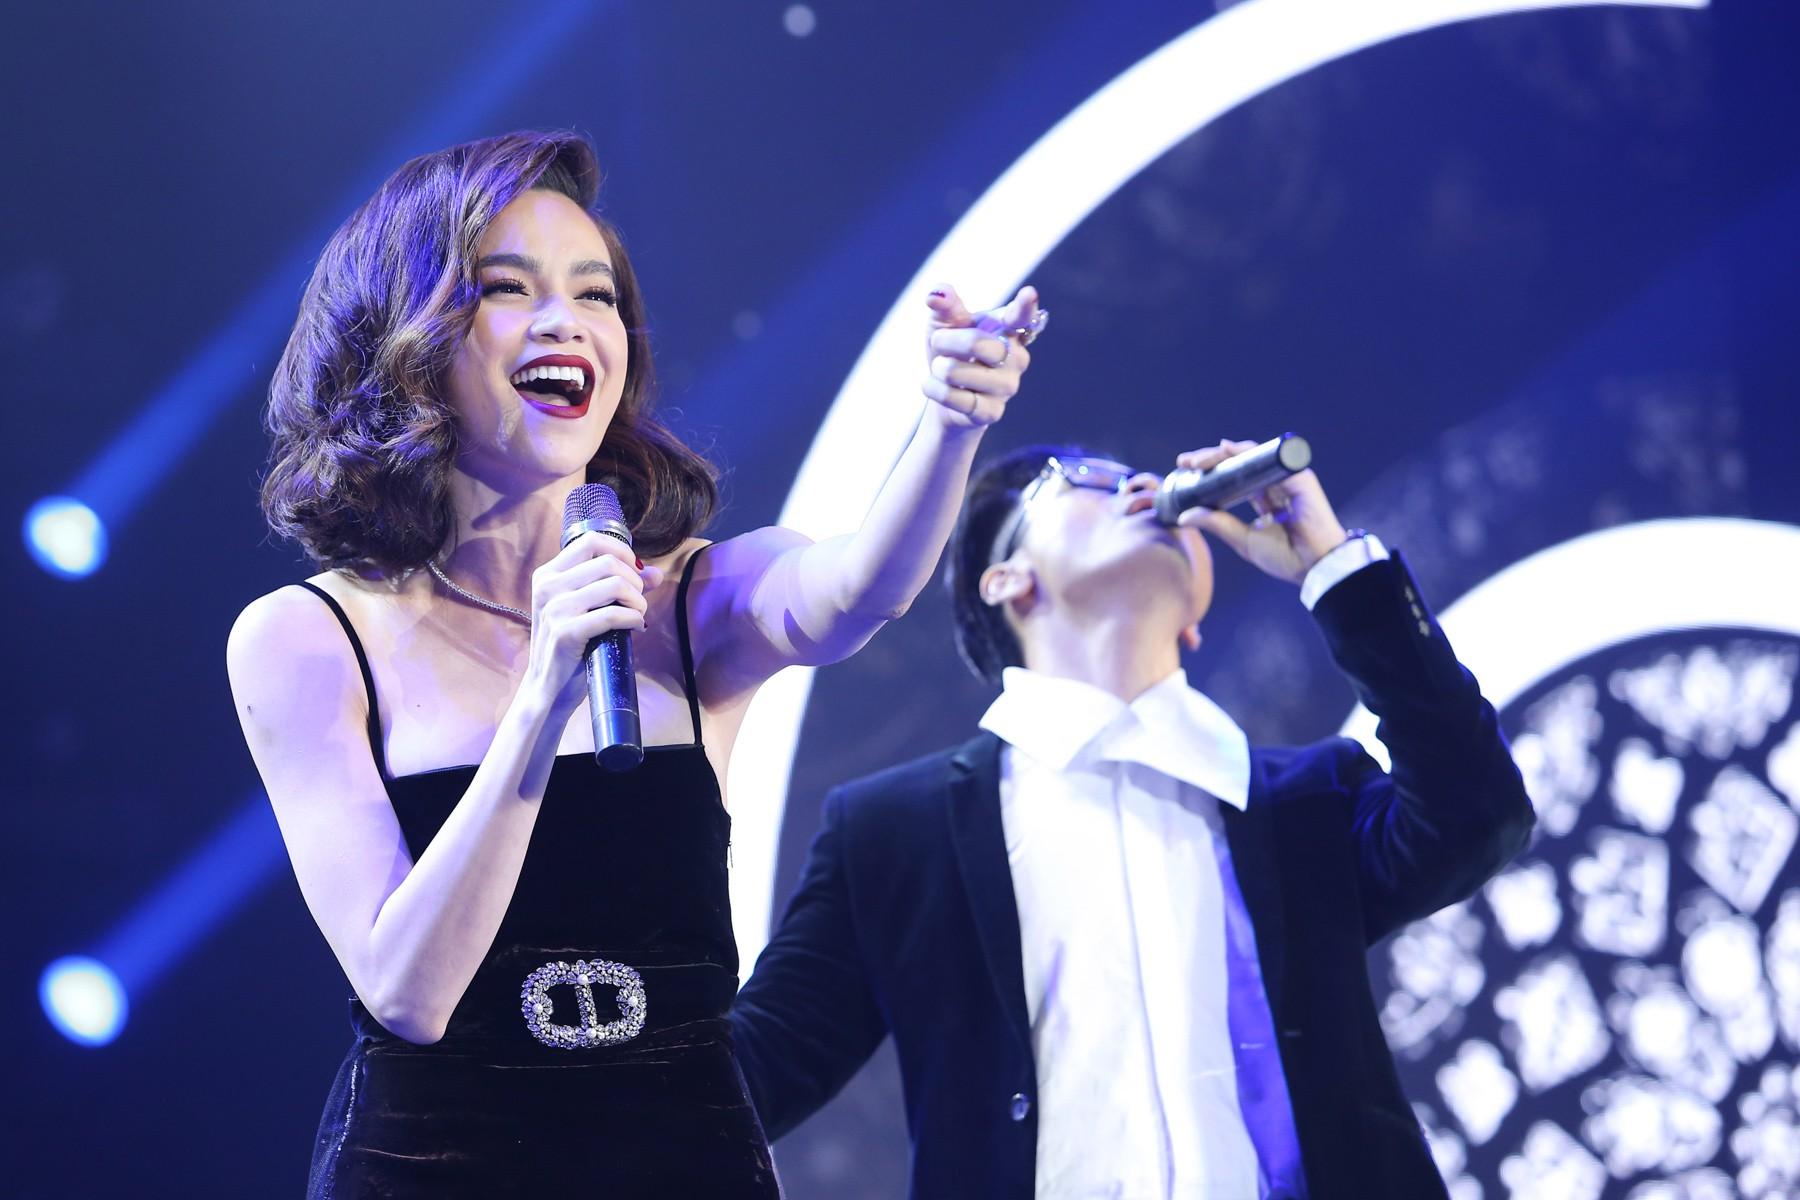 Hà Anh Tuấn tái hợp Hồ Ngọc Hà sau 4 năm, gây thổn thức khi đổi hit của nhau - Ảnh 6.